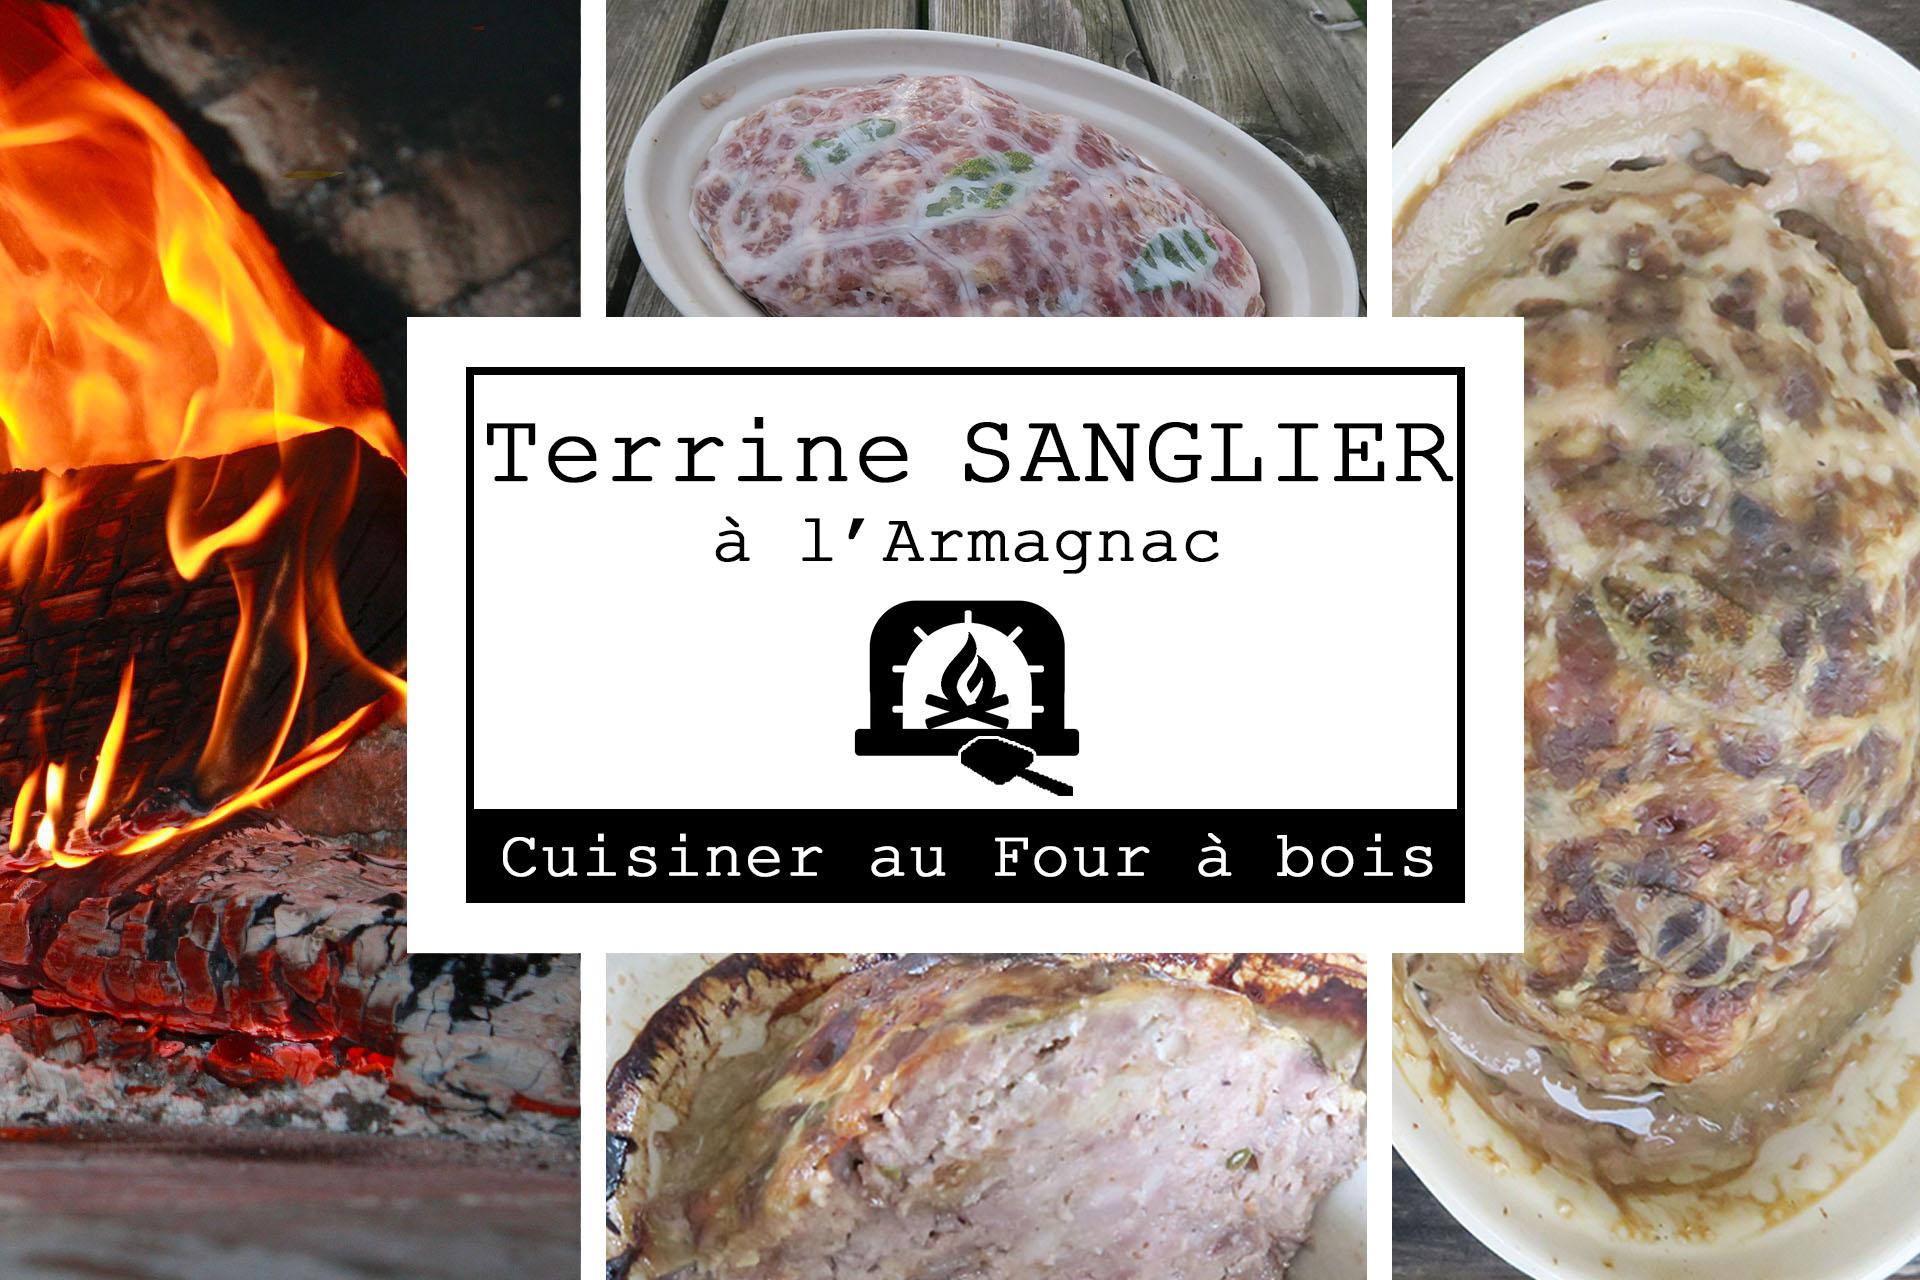 Terrine de Sanglier à l'Armagnac